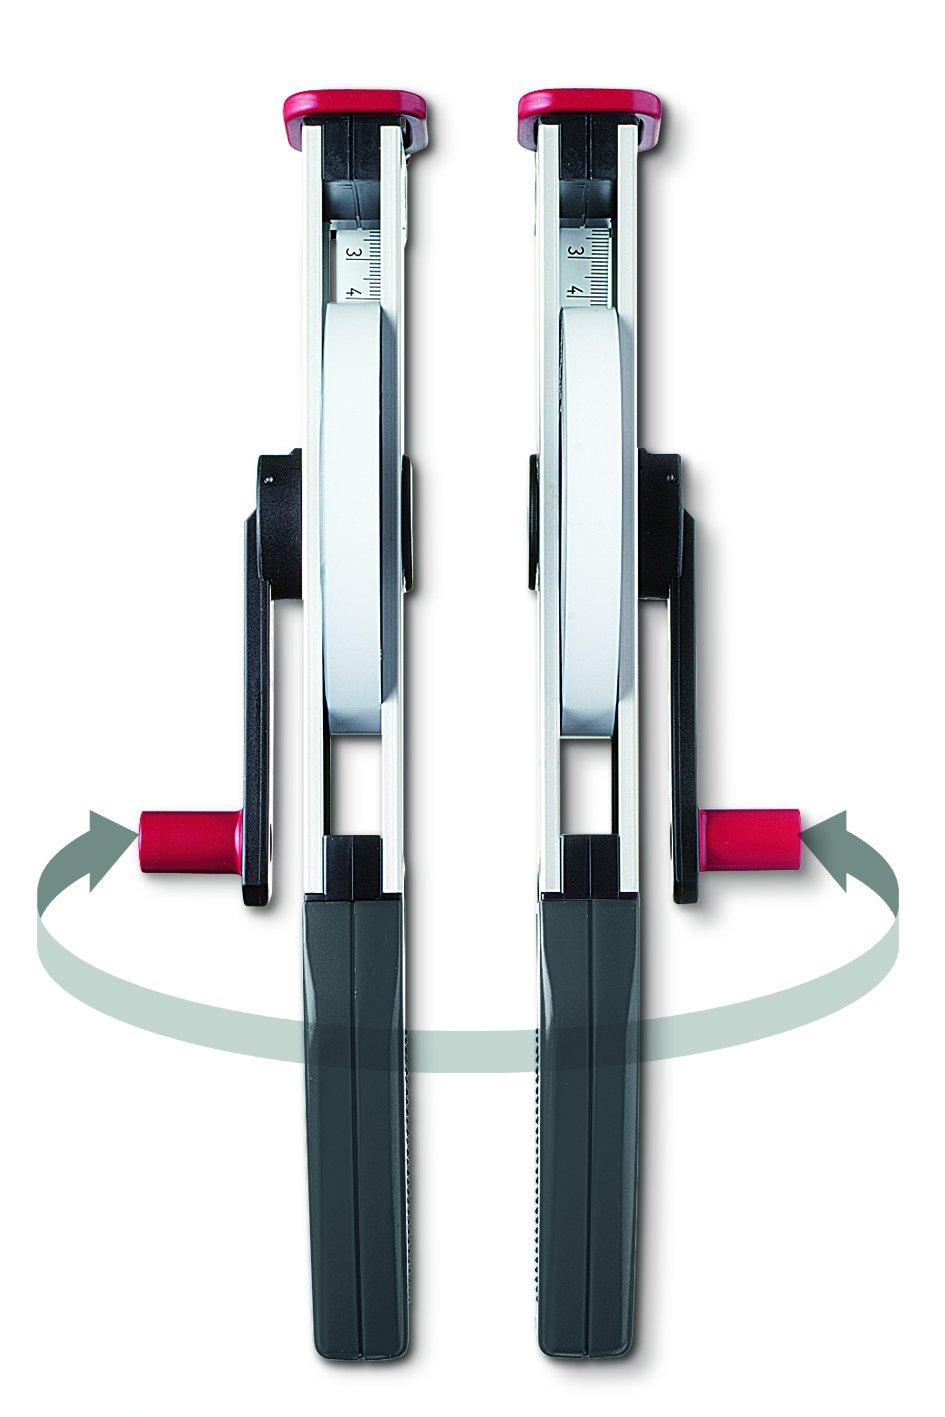 polyamidbeschichtet Breite 13 mm L/änge 50 m gedruckte Teilung BMI 505341050BF Isolan-Bandma/ß